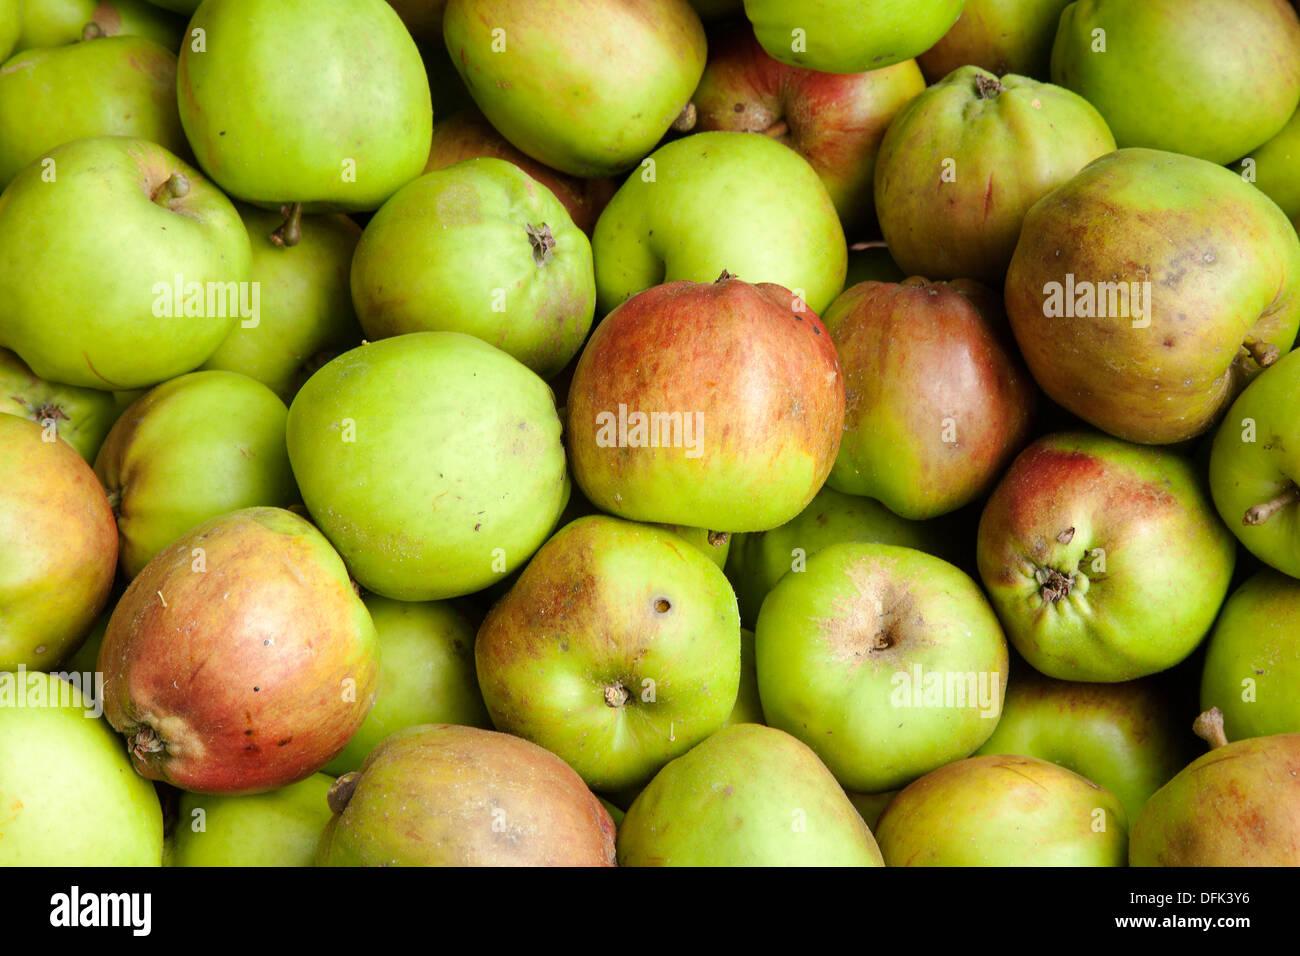 Unvollkommene Obstgarten Früchte des Autumn_Scotch Bridget Apples_ schottischen Apple gewechselt wird, ist auch weit im Nordwesten Englands gewachsen Stockbild